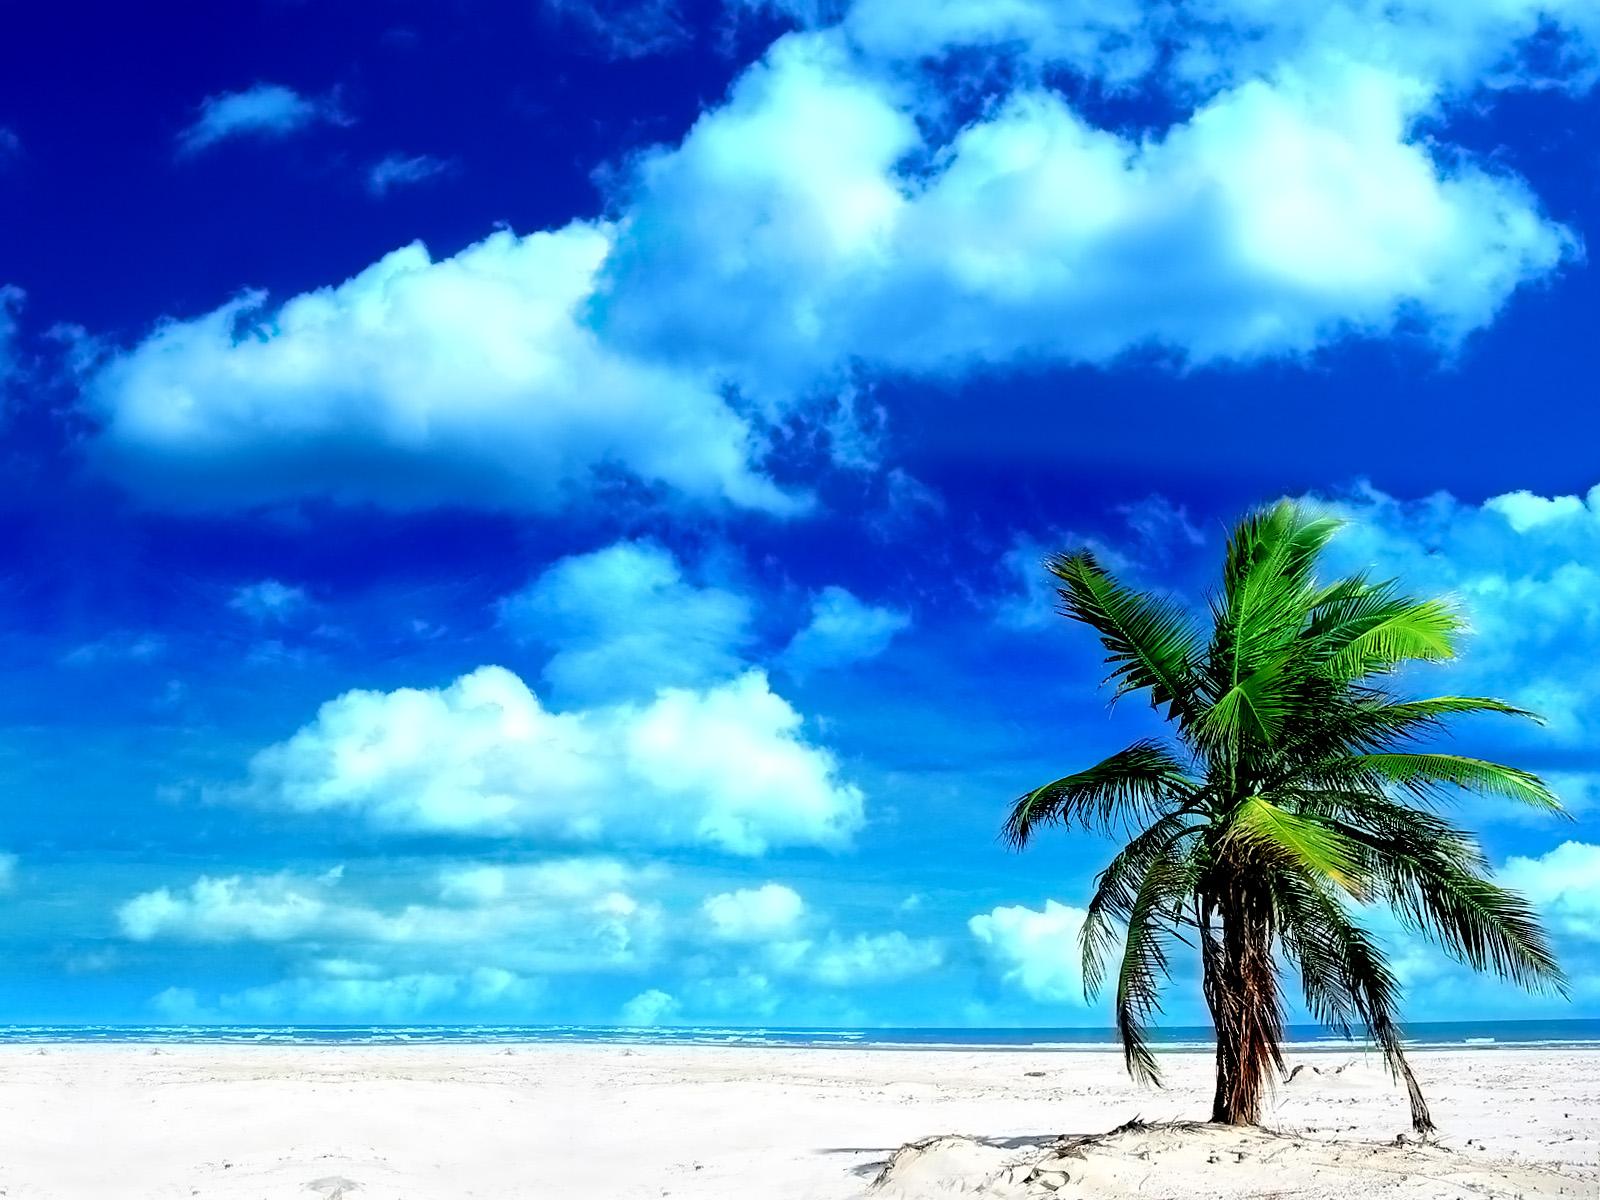 http://3.bp.blogspot.com/-eWDTiR3hGCg/TmdyZXyj7XI/AAAAAAAAFew/Ne5zyd_wKbk/s1600/Beach+wallpaper+desktop1.jpg